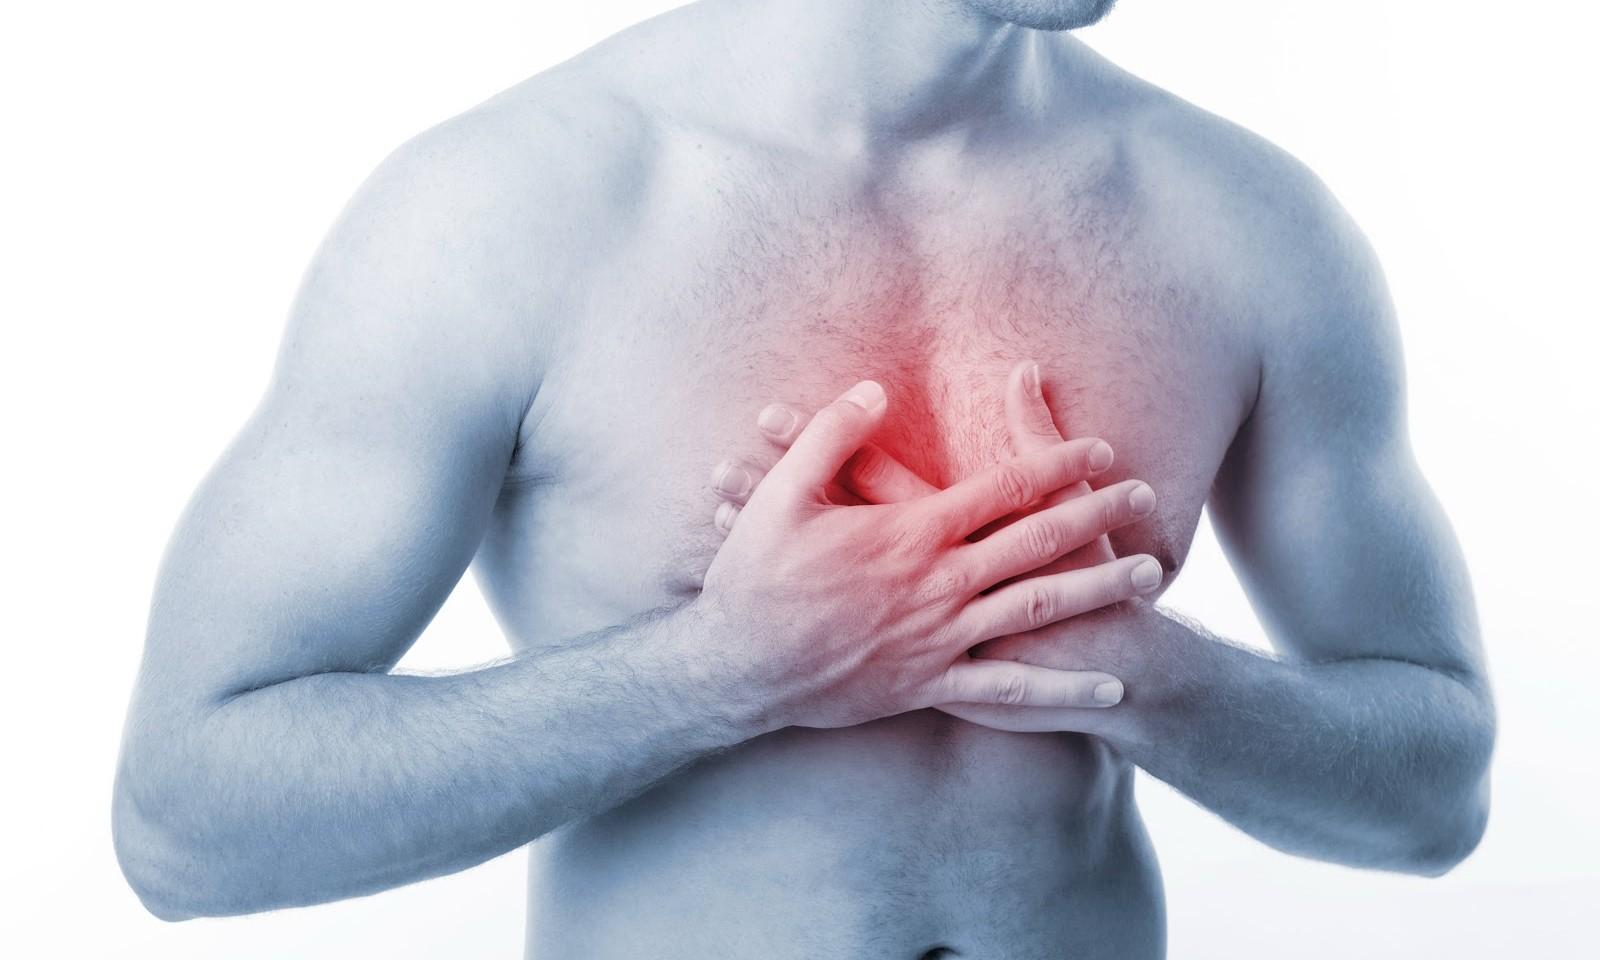 Боль в грудной клетке. Неужели инфаркт?